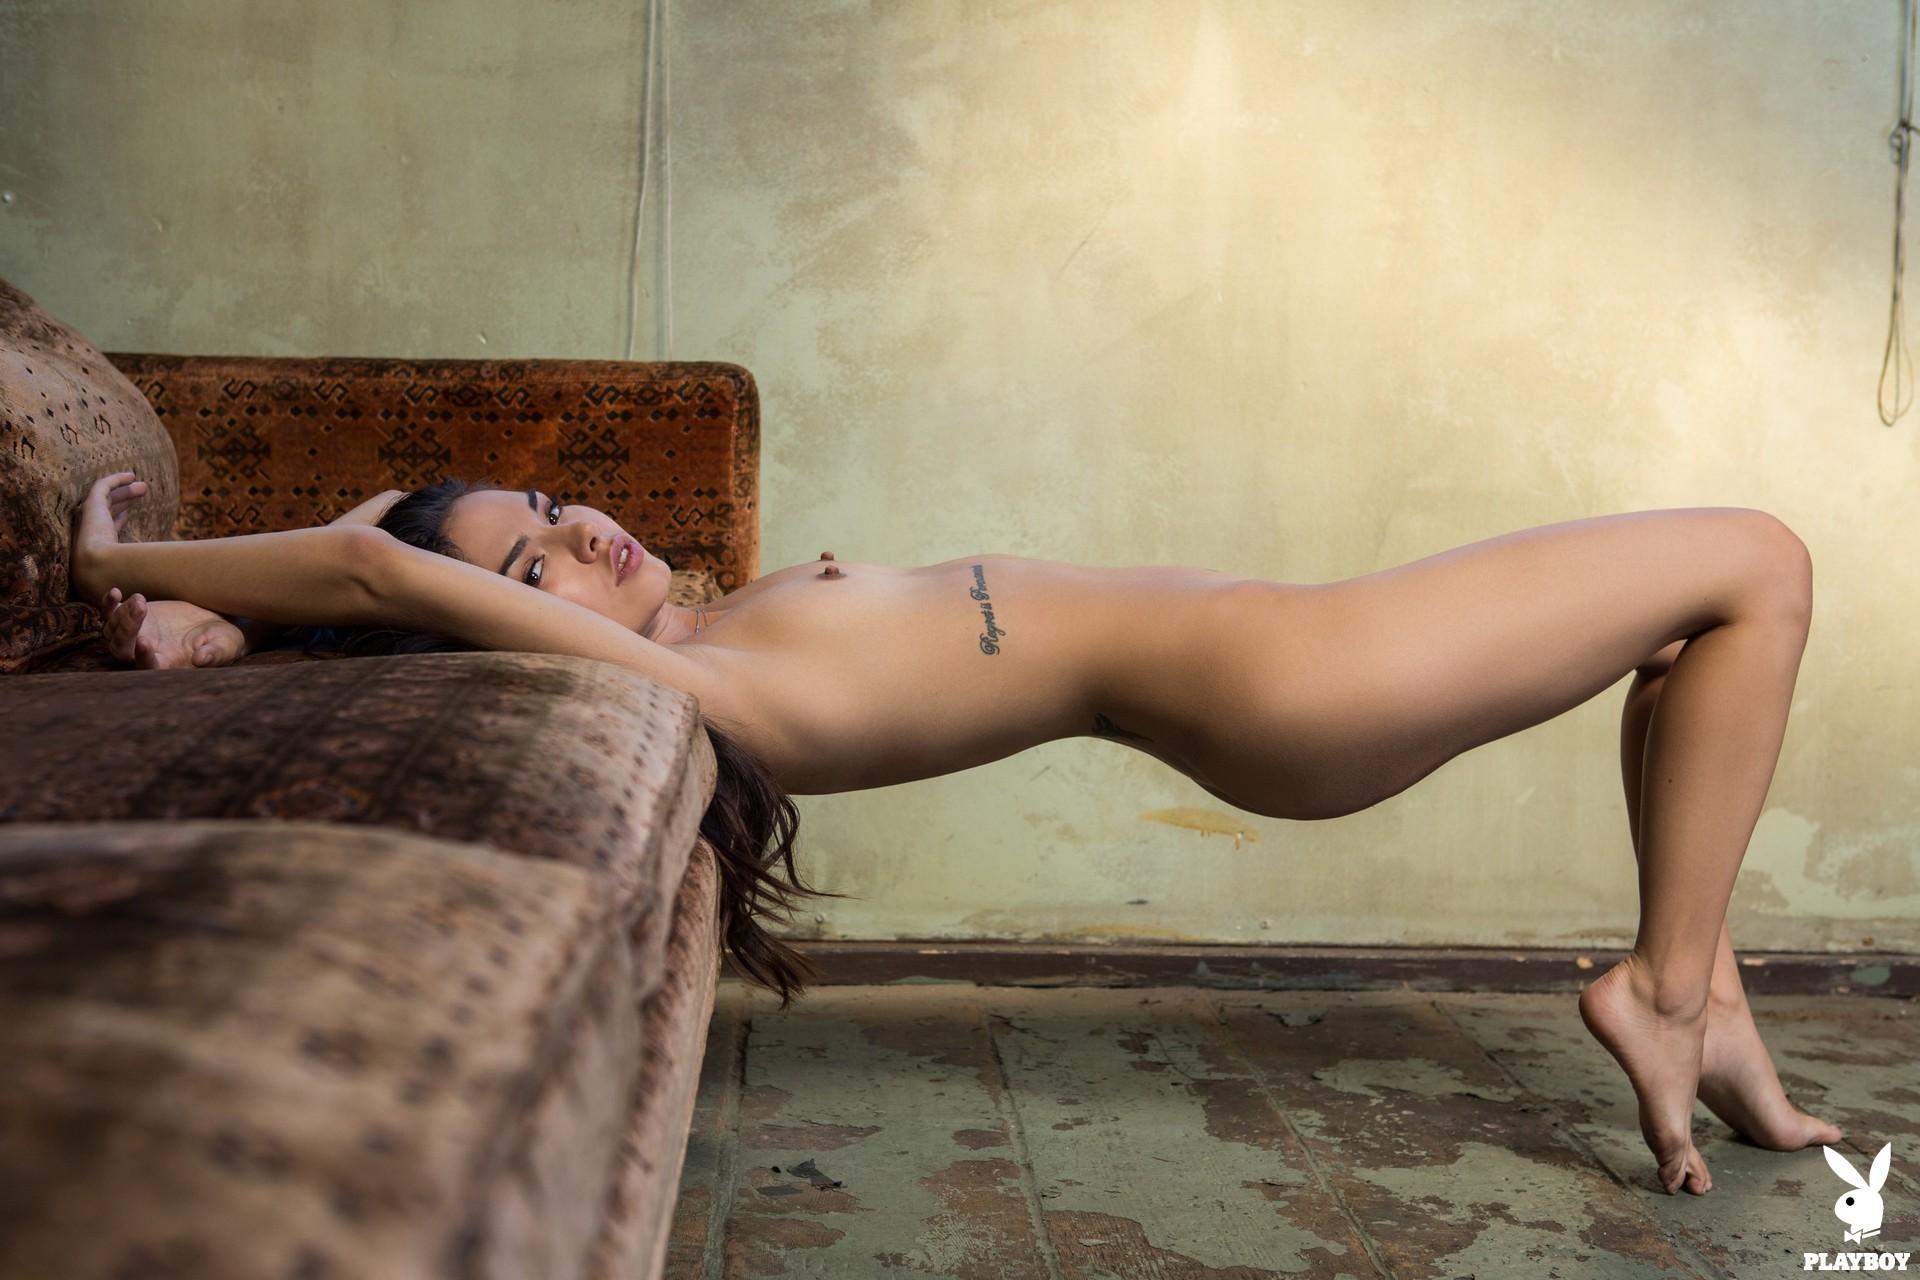 Dominique Gabrielle in Rustic Seduction - Playboy Plus 12